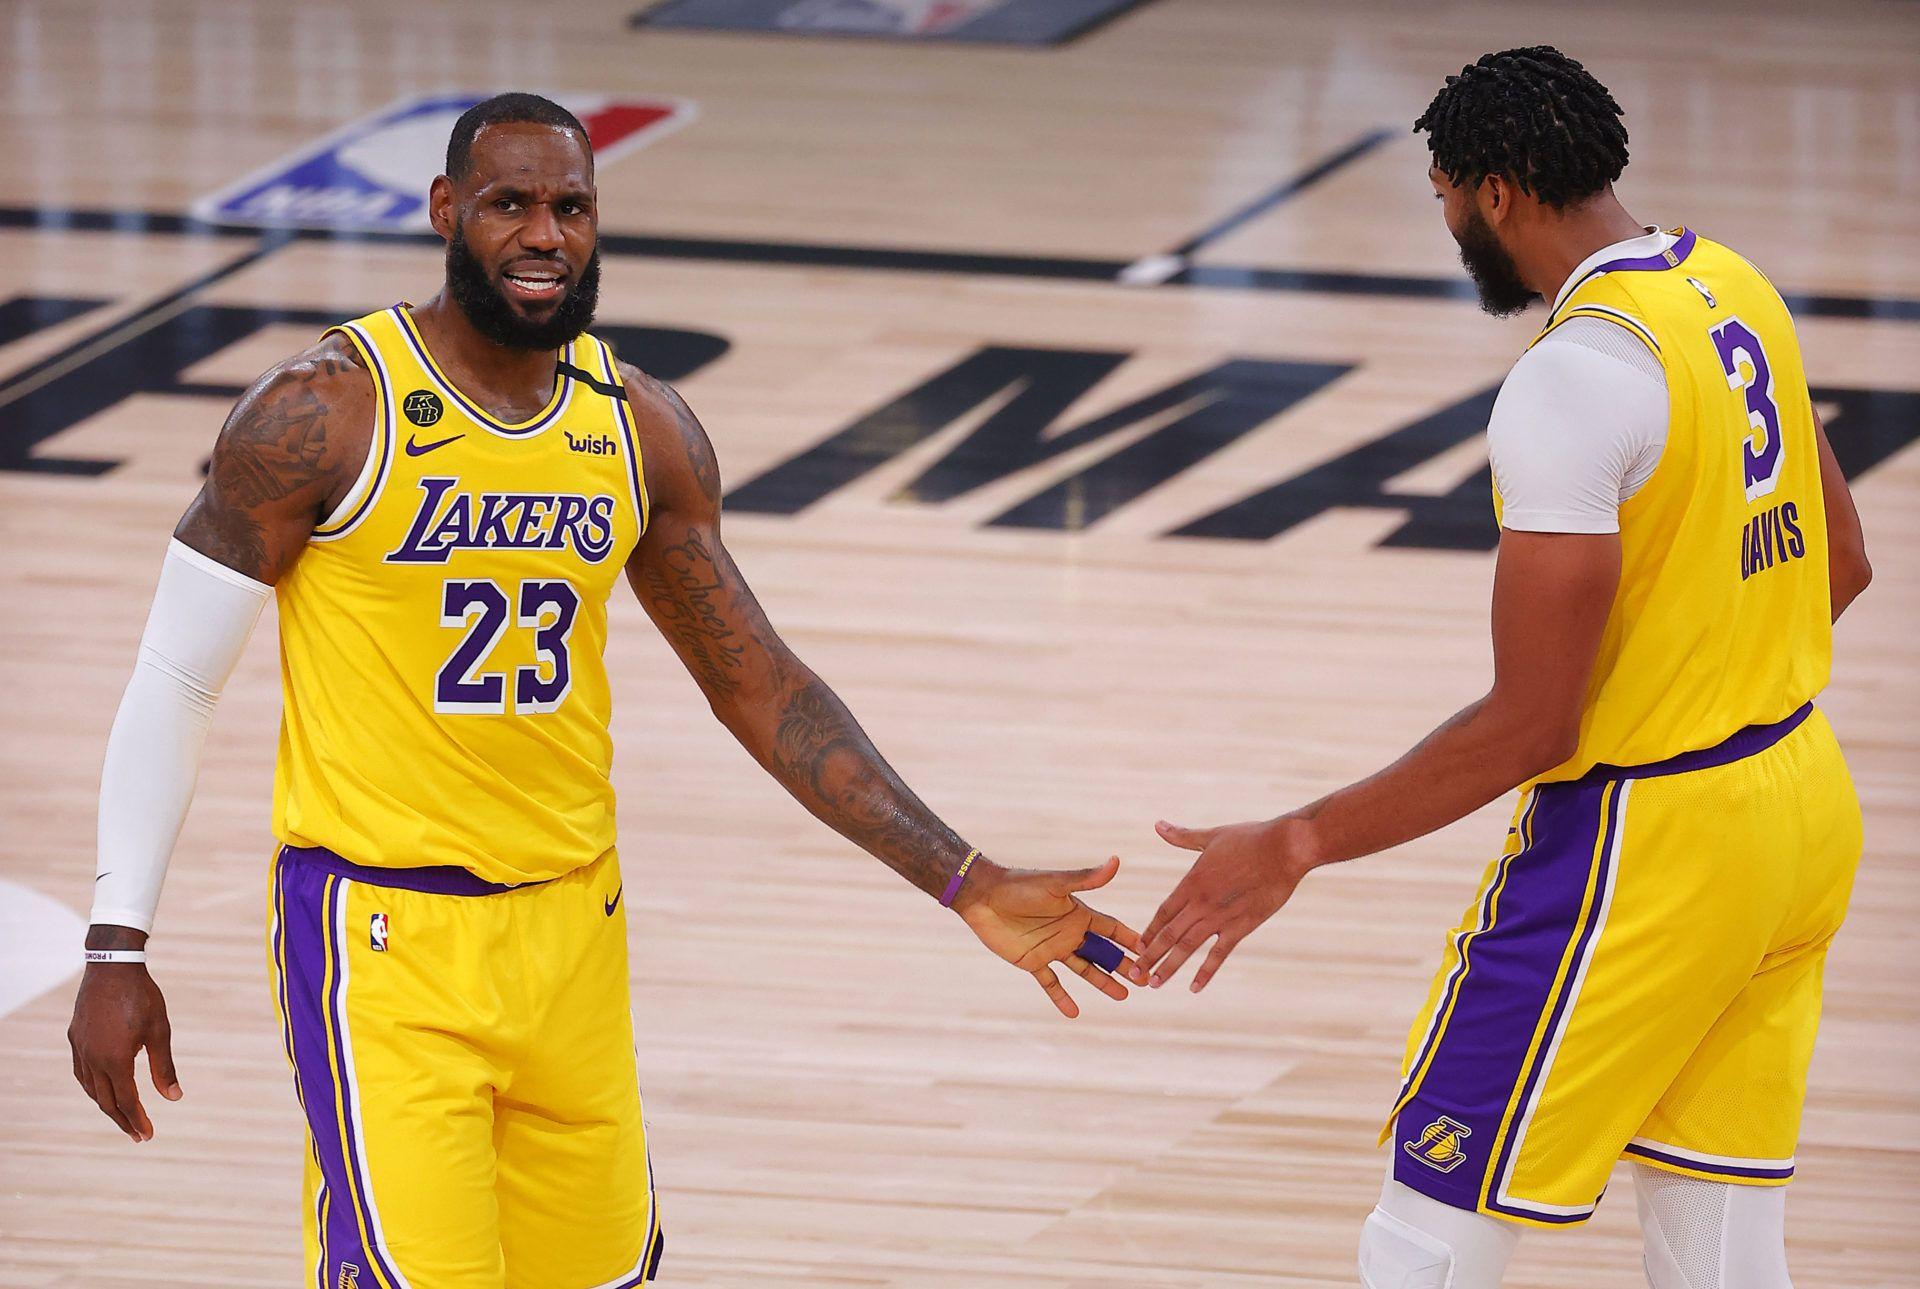 2020 Nba Jersey Rankings 29 Los Angeles Lakers In 2020 Nba Jersey Sportswear Basketball Nba